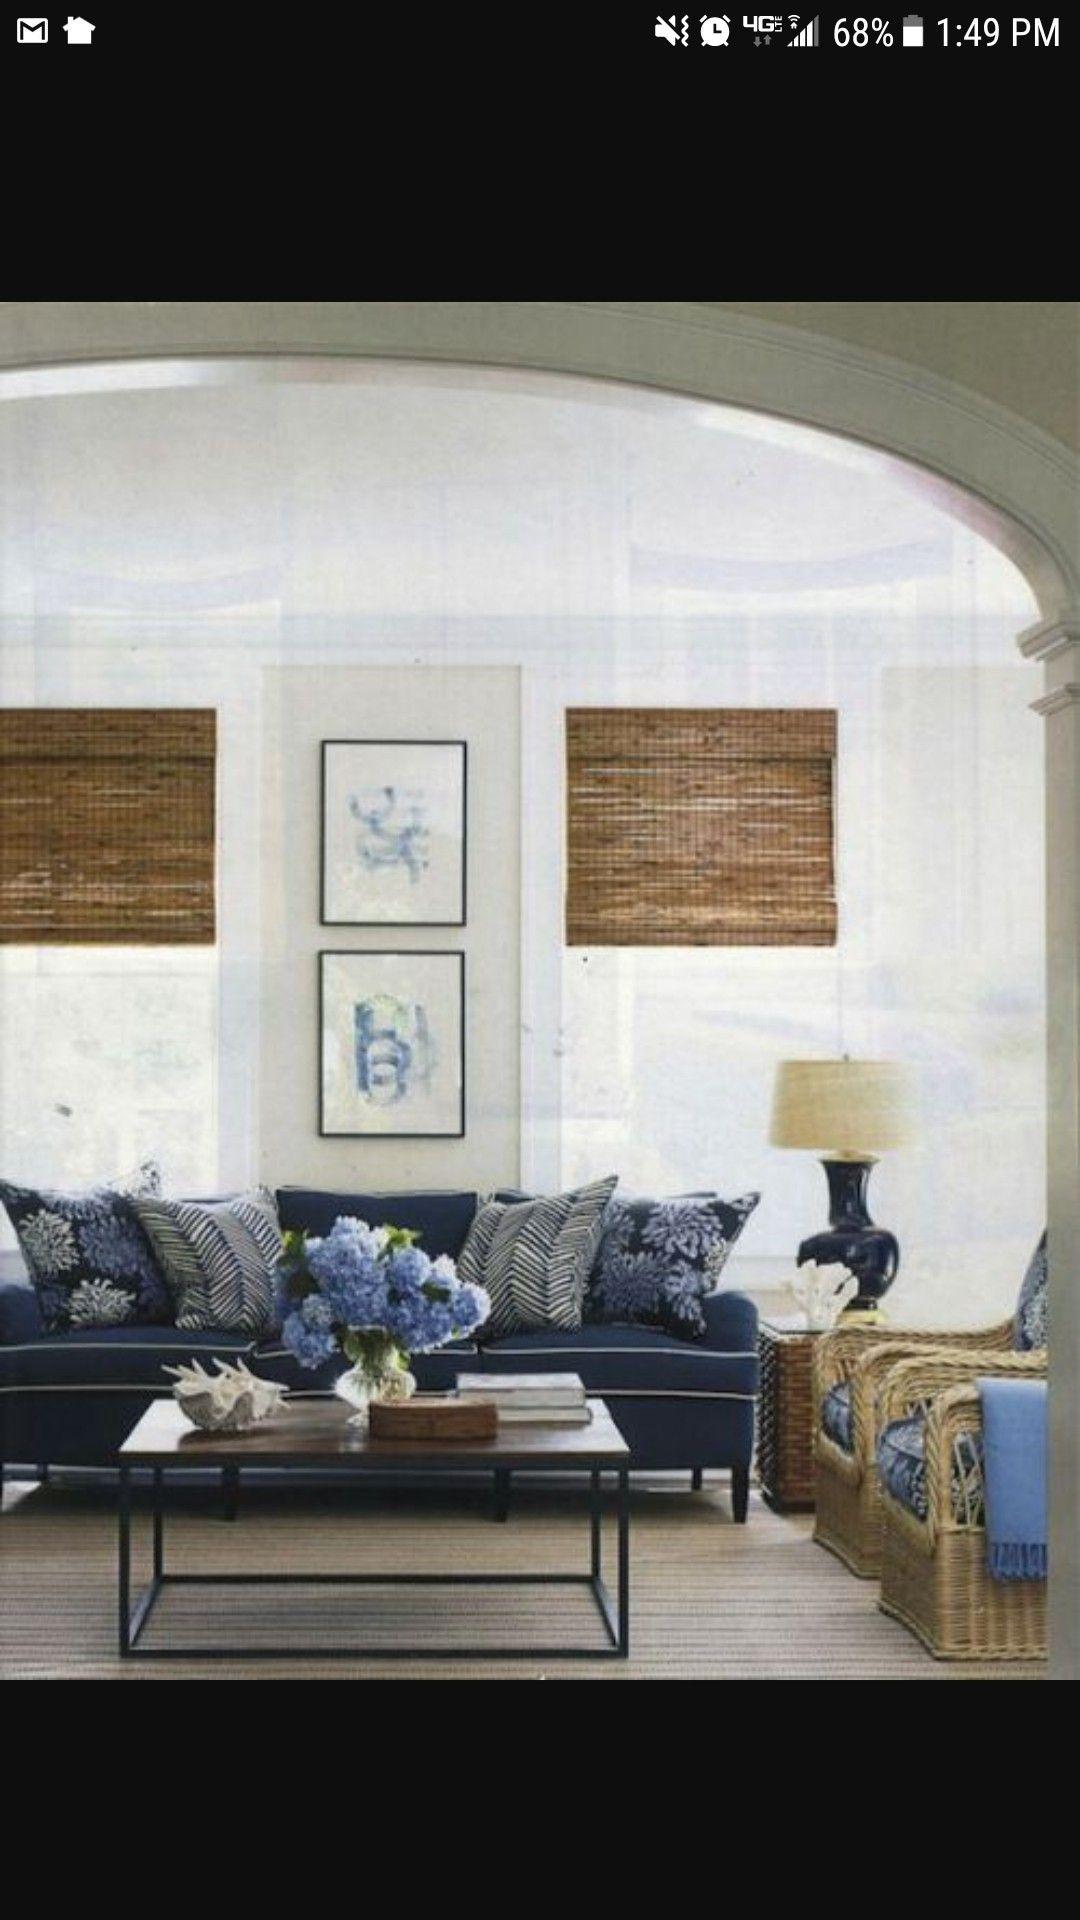 Living room windows + 2 frames | in the home | Pinterest | Living ...